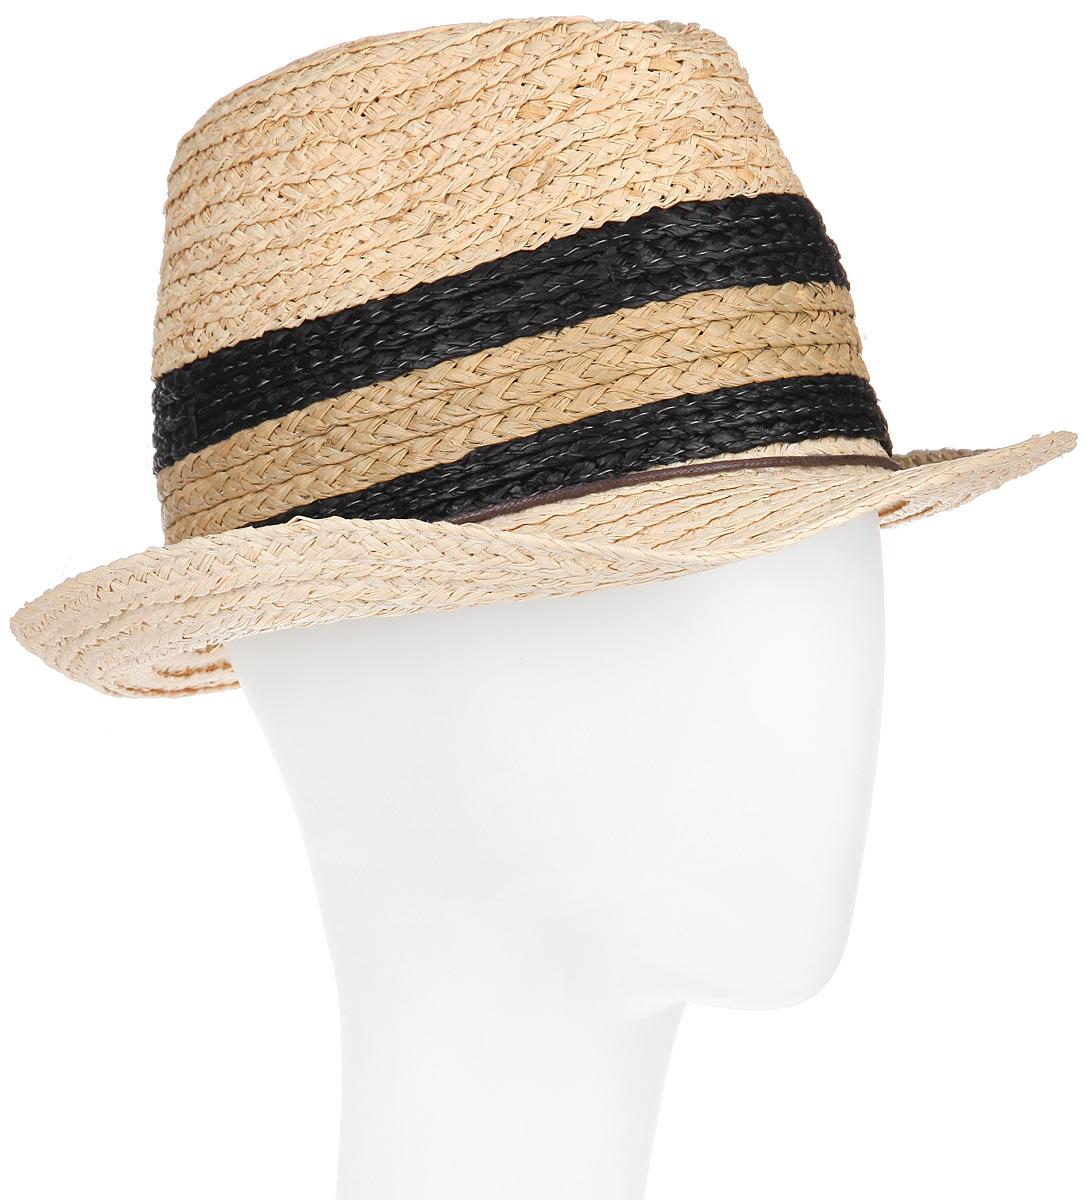 Шляпа женская Canoe Bahamas, цвет: бежевый, черный. 1966029. Размер 591966029Классическая шляпа Canoe Bahamas непременно украсит любой наряд.Шляпа из натуральной соломы оформлена тонким переплетенным ремешком вокруг тульи. Благодаря своей форме, шляпа удобно садится по голове и подойдет к любому стилю. Плетение шляпы позволяет ей пропускать воздух, что обеспечивает необходимую вентиляцию.Такая шляпа подчеркнет вашу неповторимость и дополнит ваш повседневный образ.